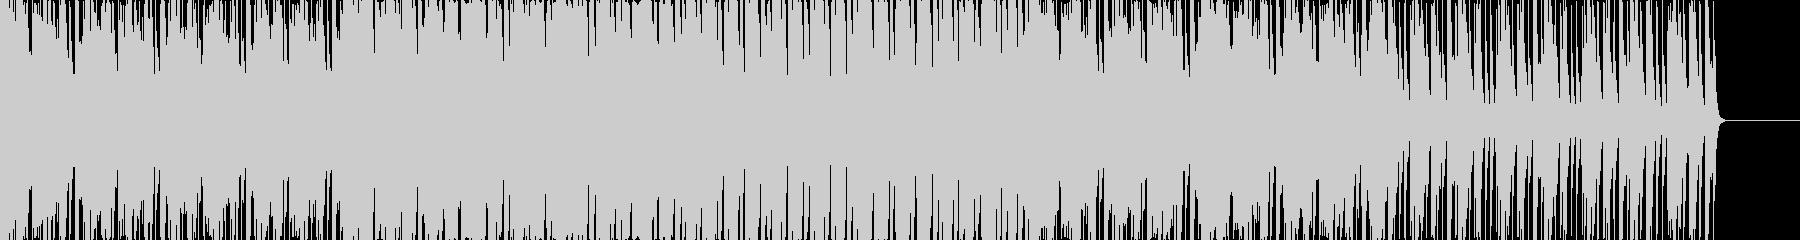 ゲームでのブリーフィングBGM等にの未再生の波形